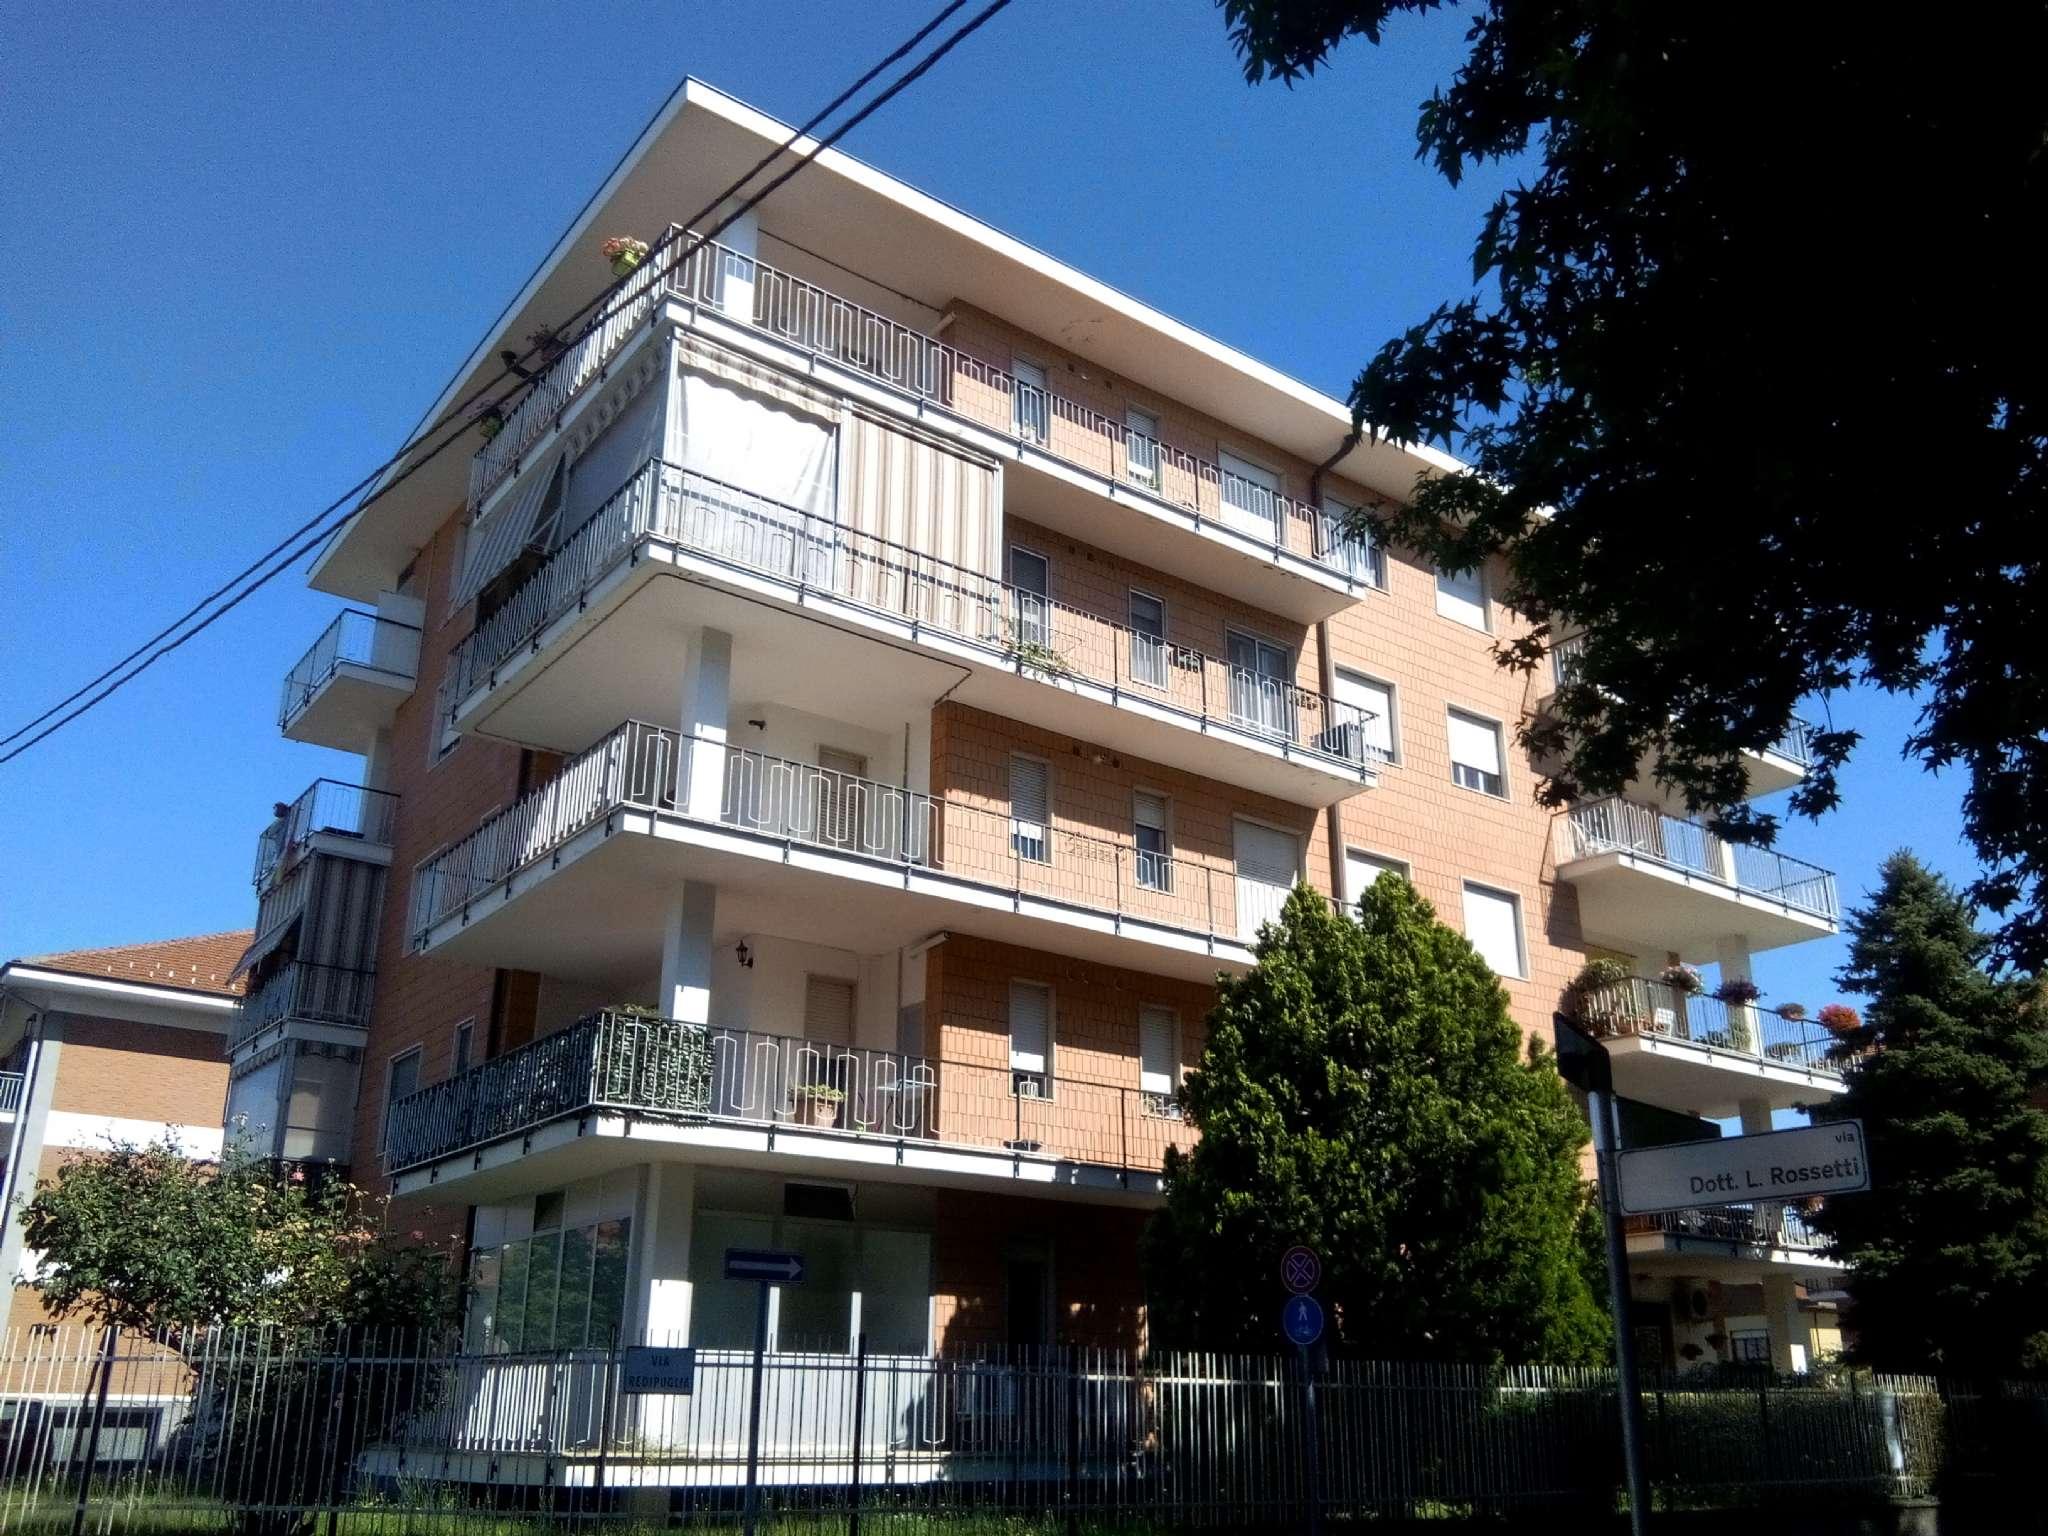 Appartamento in vendita a Ciriè, 4 locali, prezzo € 169.000 | PortaleAgenzieImmobiliari.it